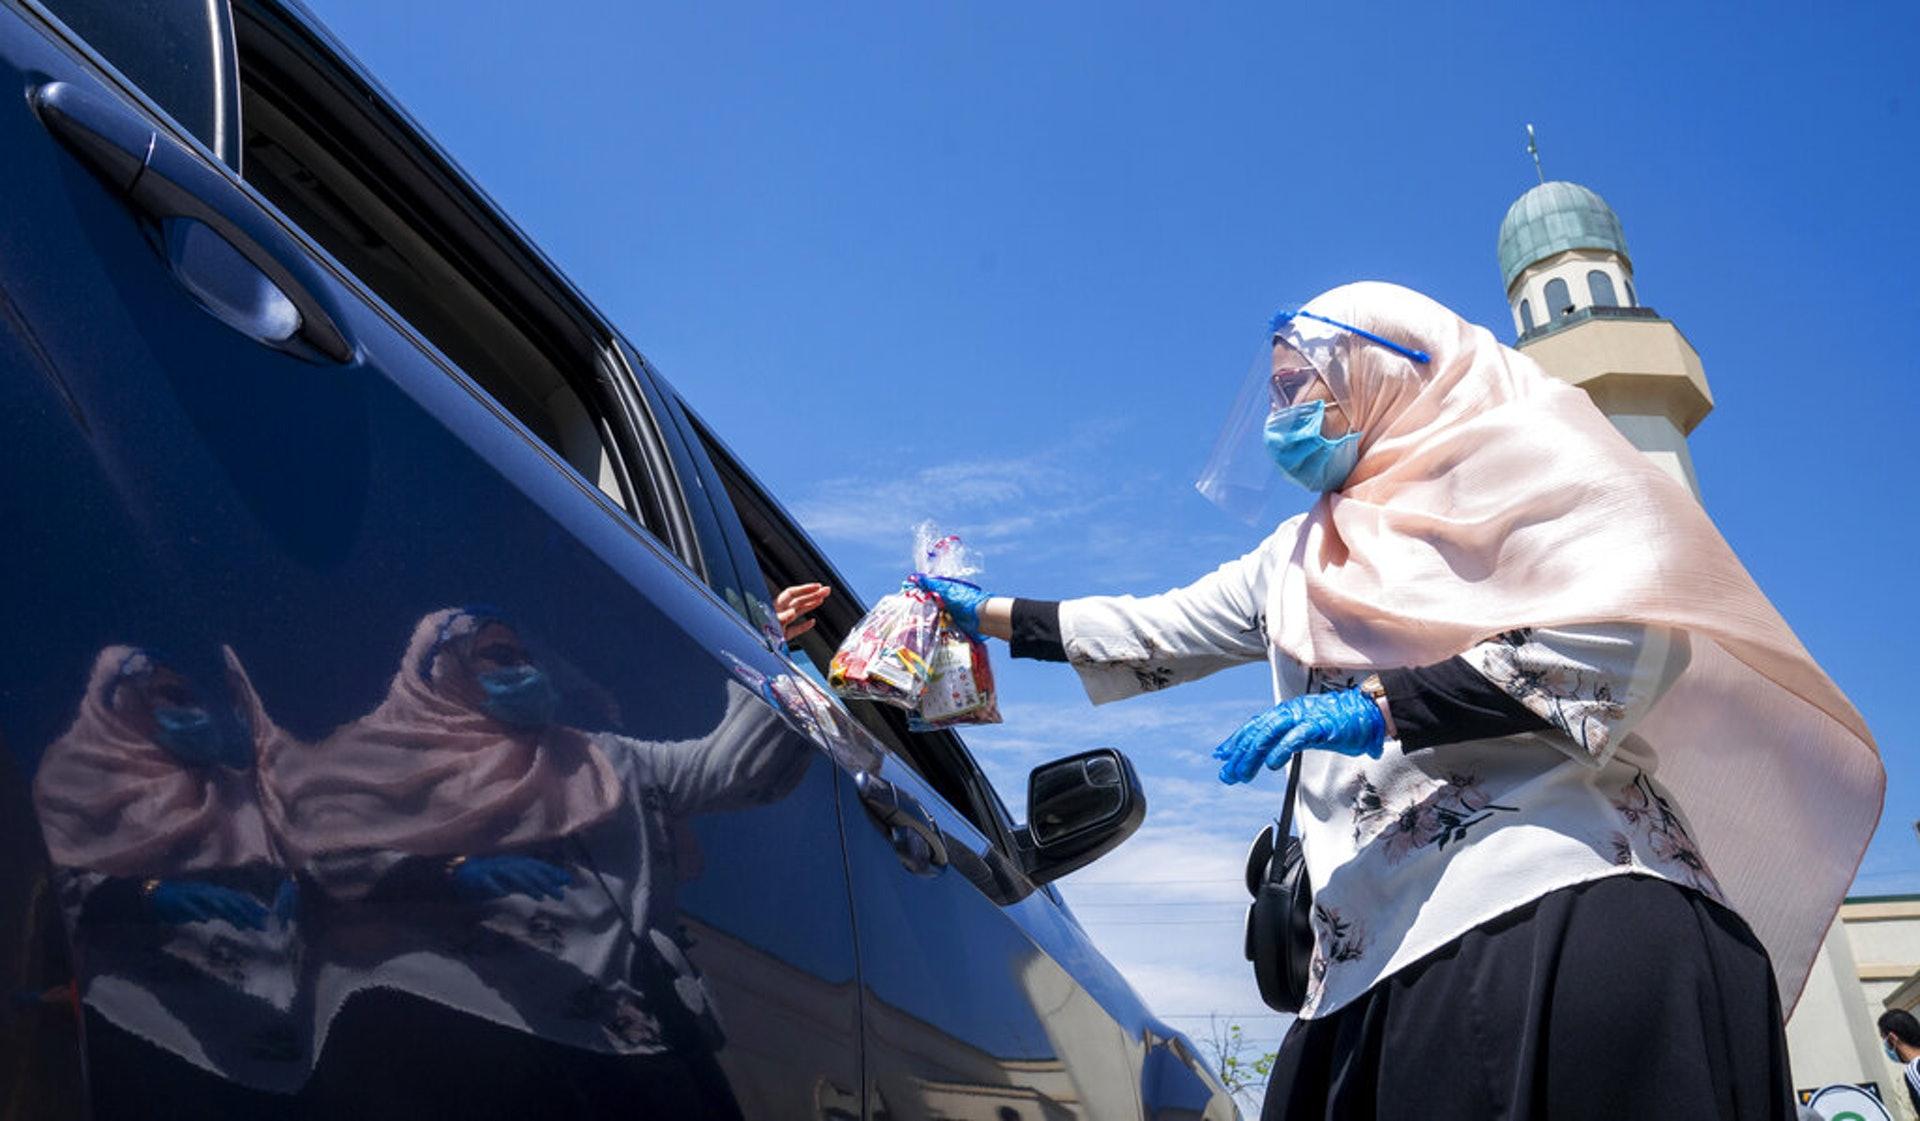 加拿大新冠肺炎疫情:图为5月24日加拿大多伦多一个伊斯兰社区团体的成员在开斋节时将糖果送赠给车上的儿童。(AP)